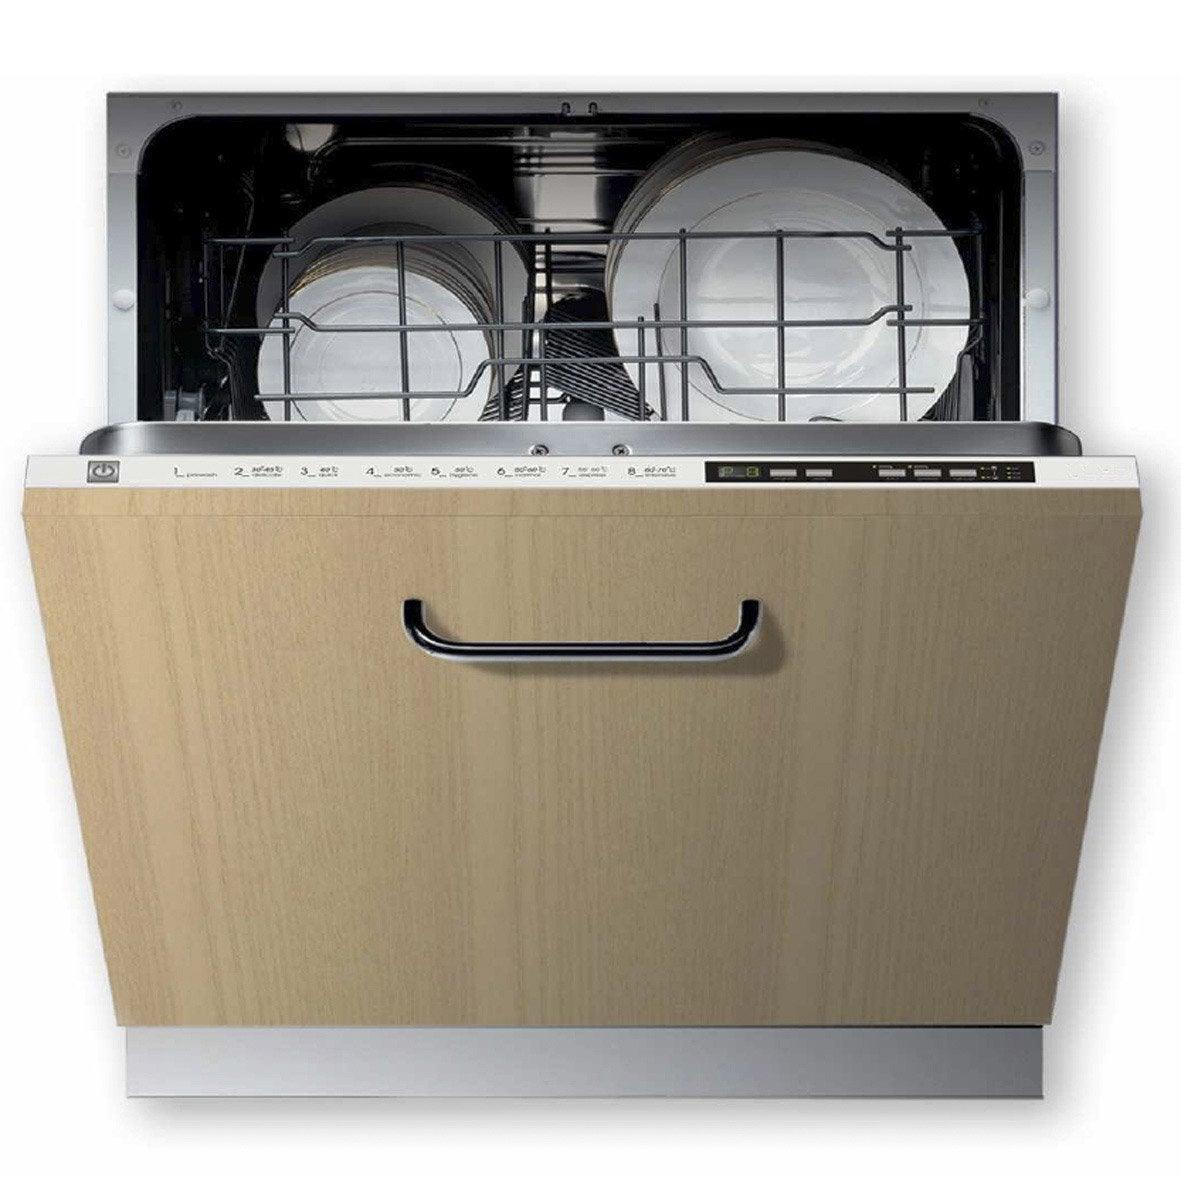 meuble pour lave vaisselle design d 39 int rieur et id es de meubles. Black Bedroom Furniture Sets. Home Design Ideas